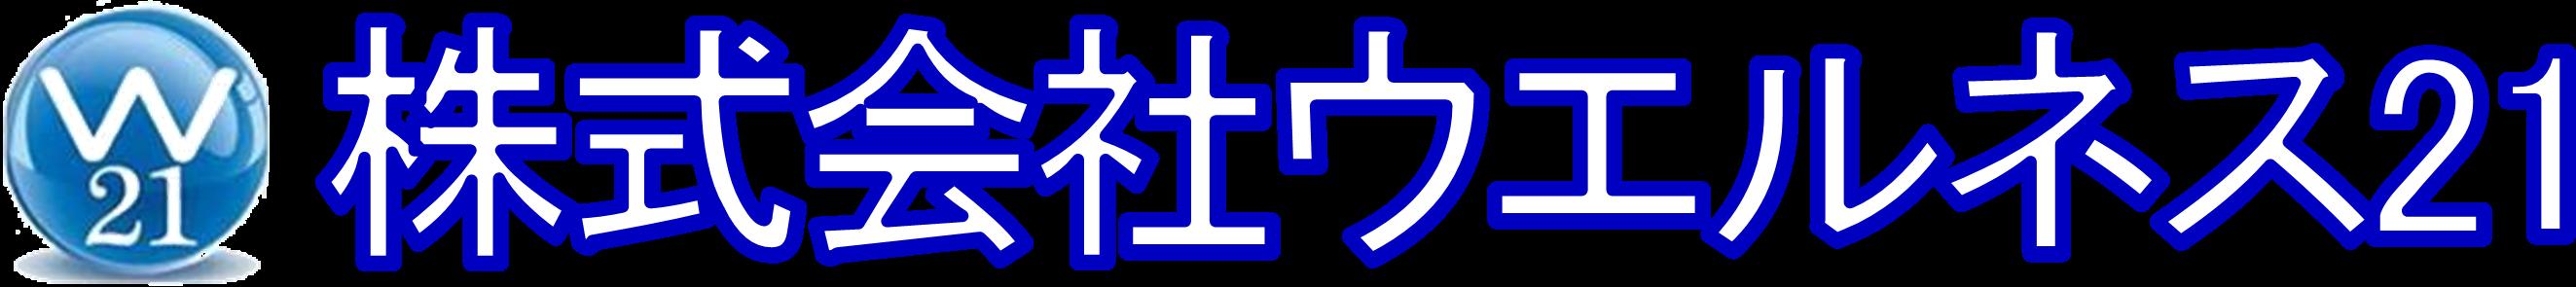 株式会社ウエルネス21